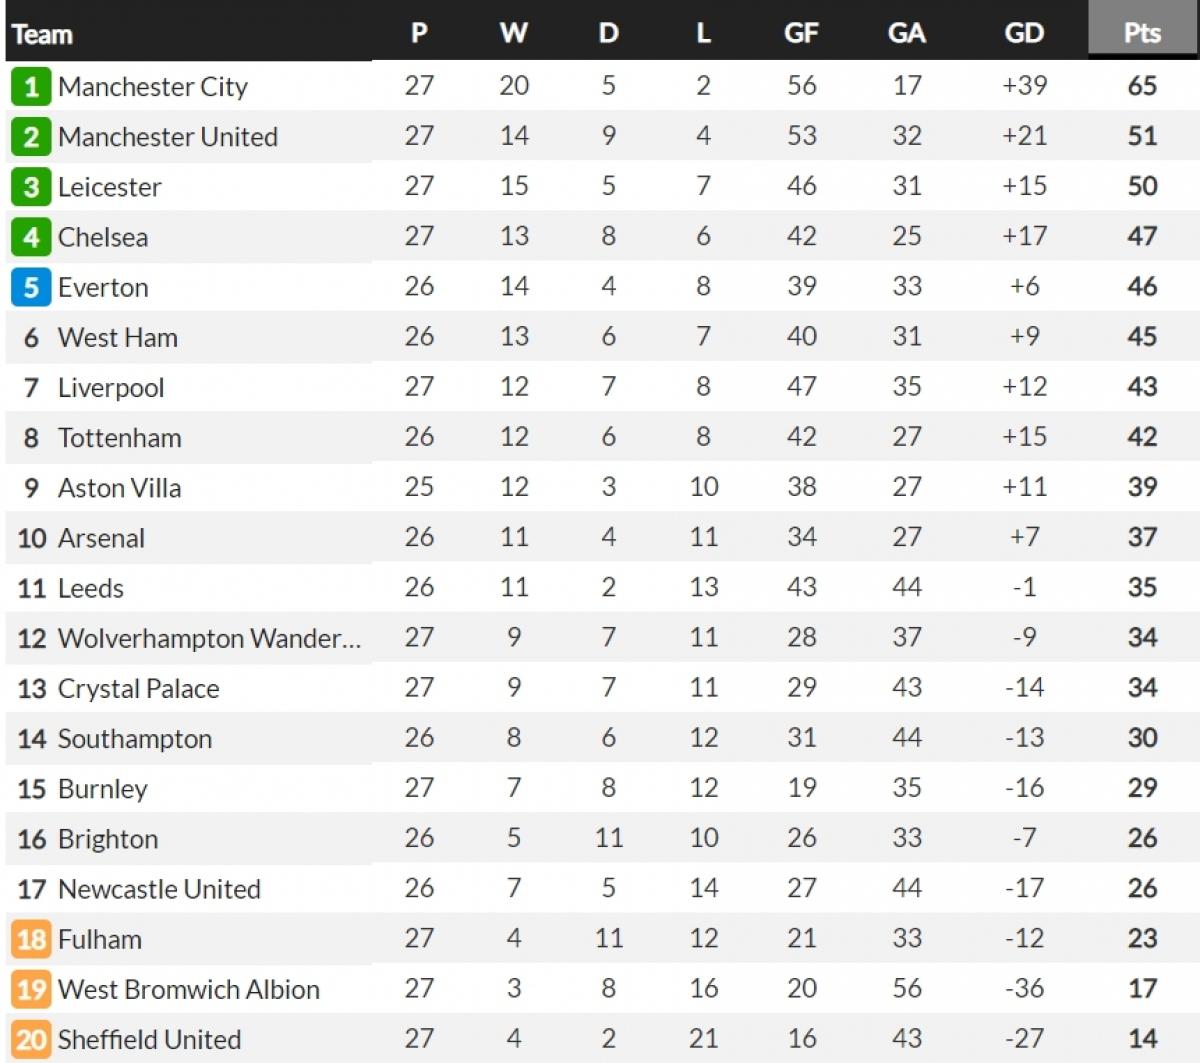 Tottenham vươn lên đứng thứ 8 và chỉ kém vị trí top 4 của Chelsea 5 điểm, cuộc đua giành vé dự Champions League đang cực kỳ căng thẳng.